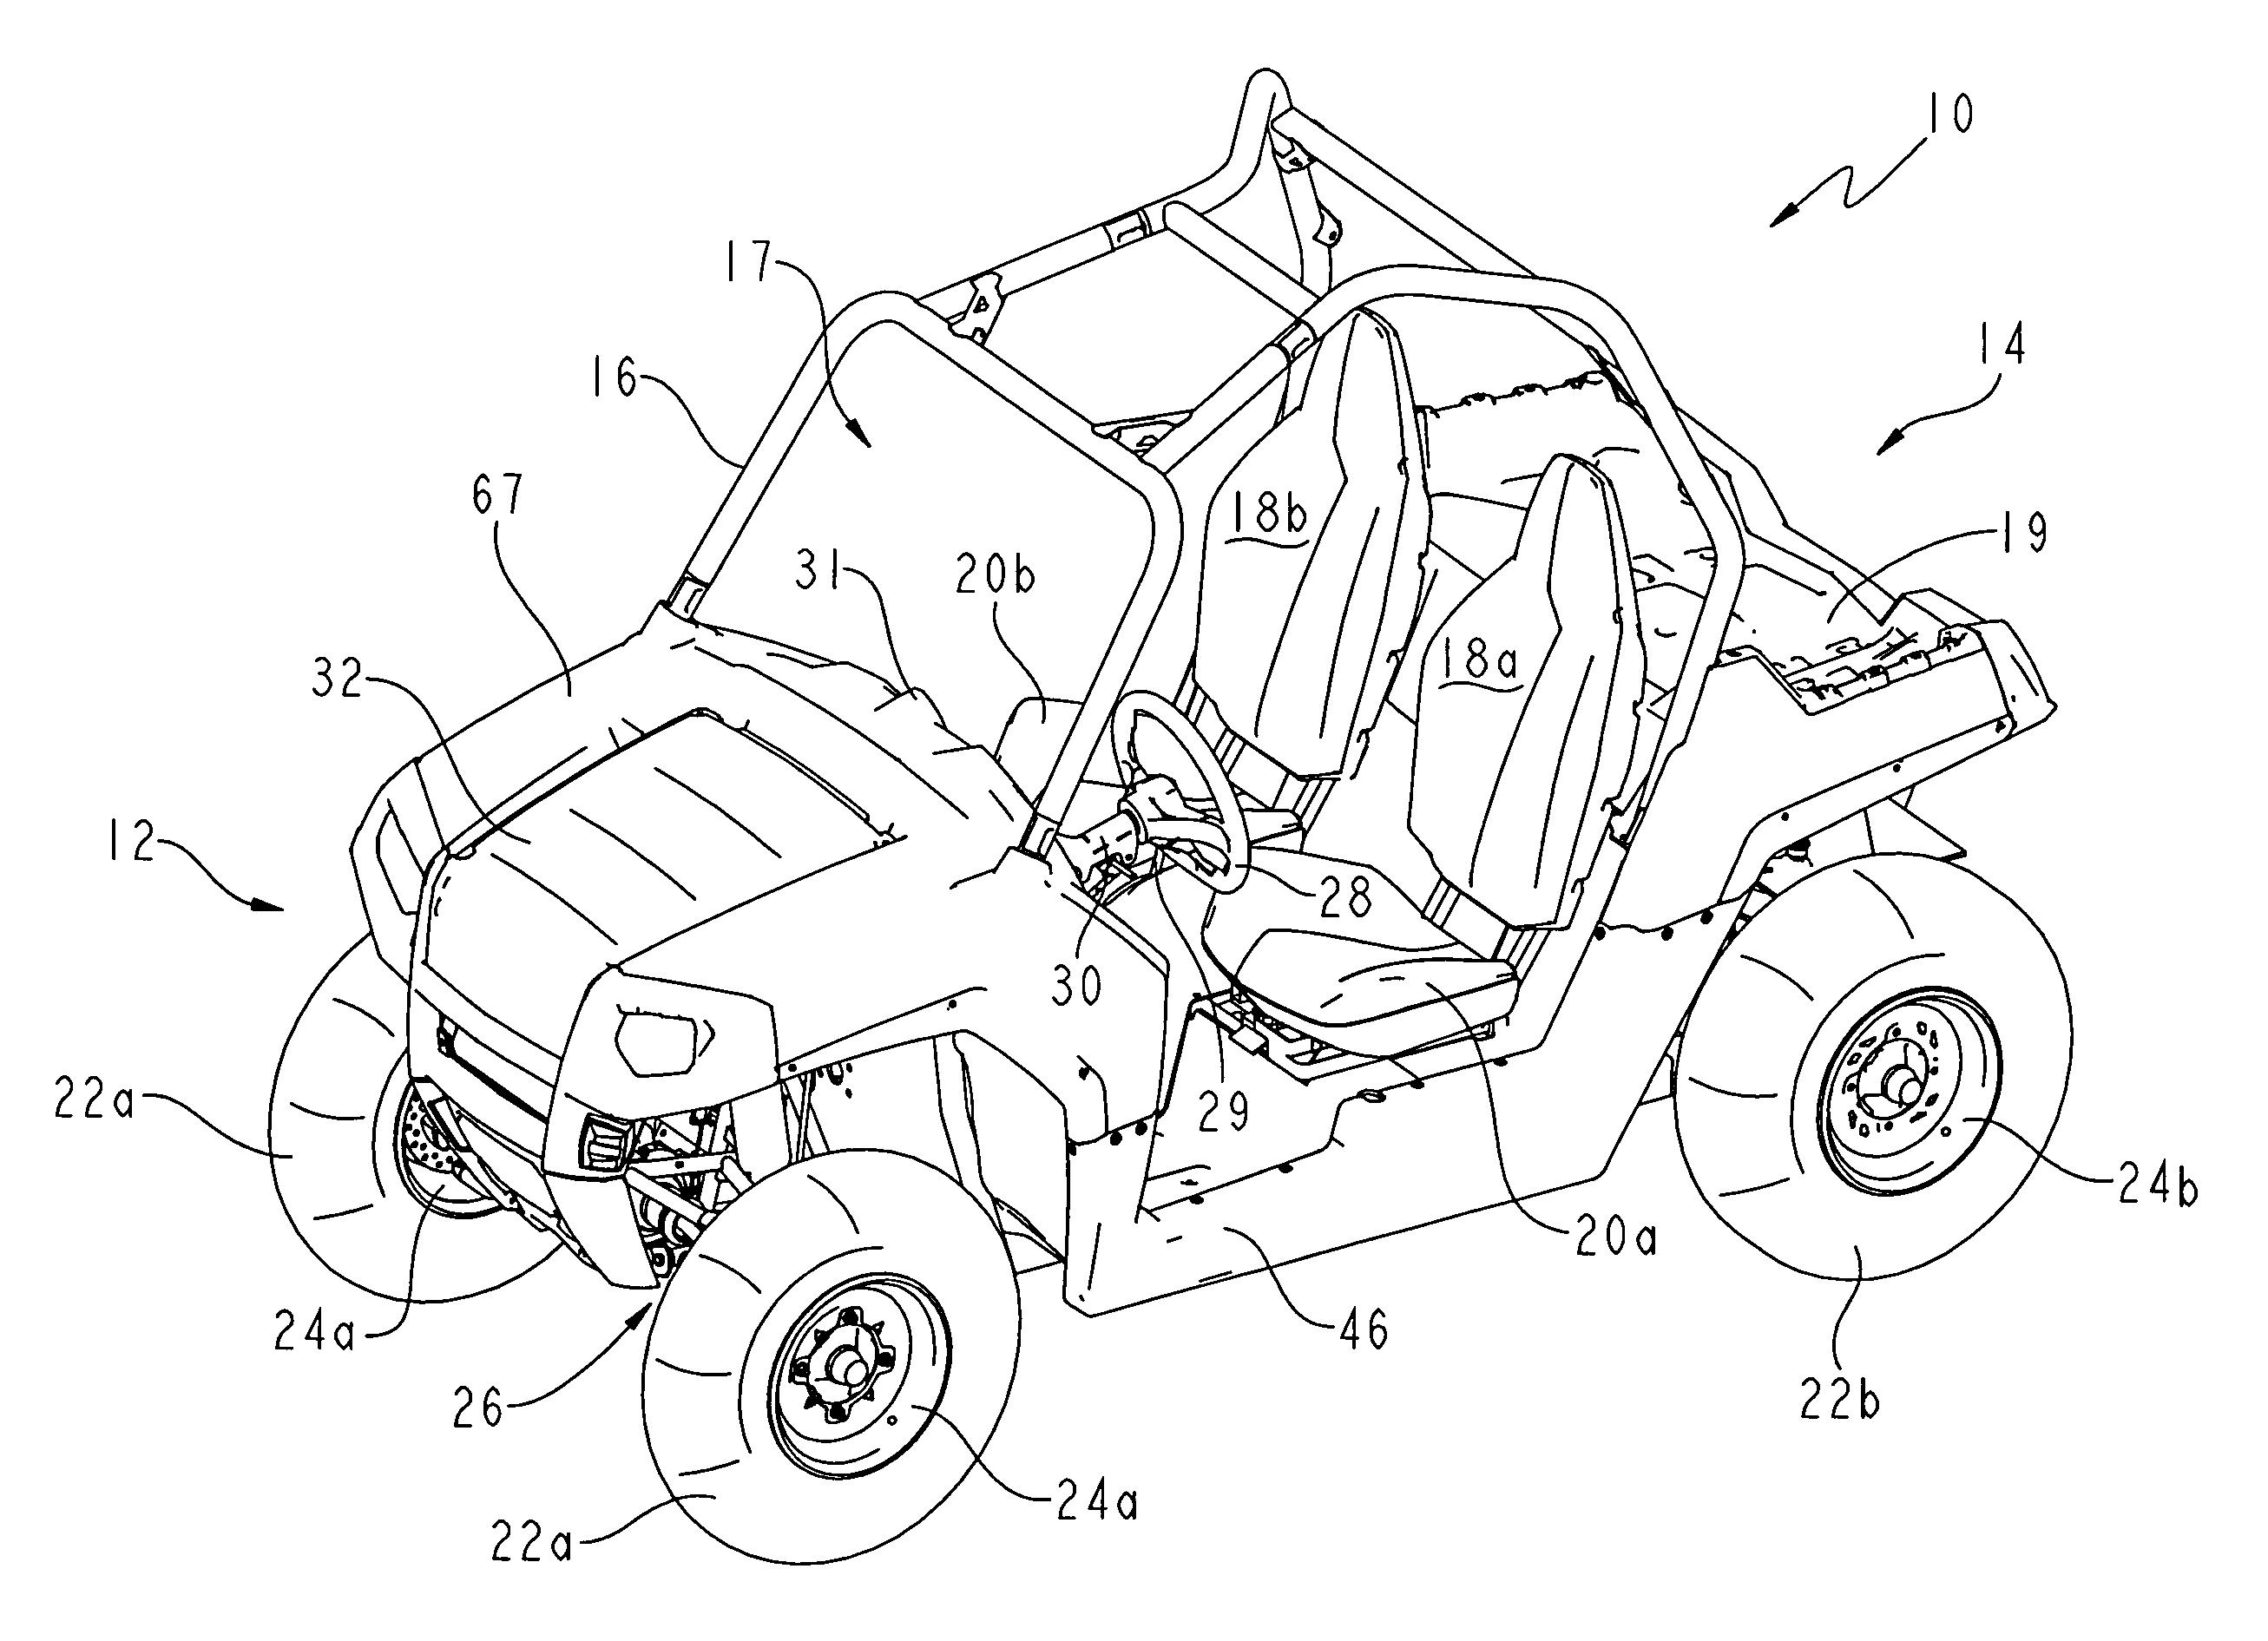 arctic cat atv plow parts diagram html